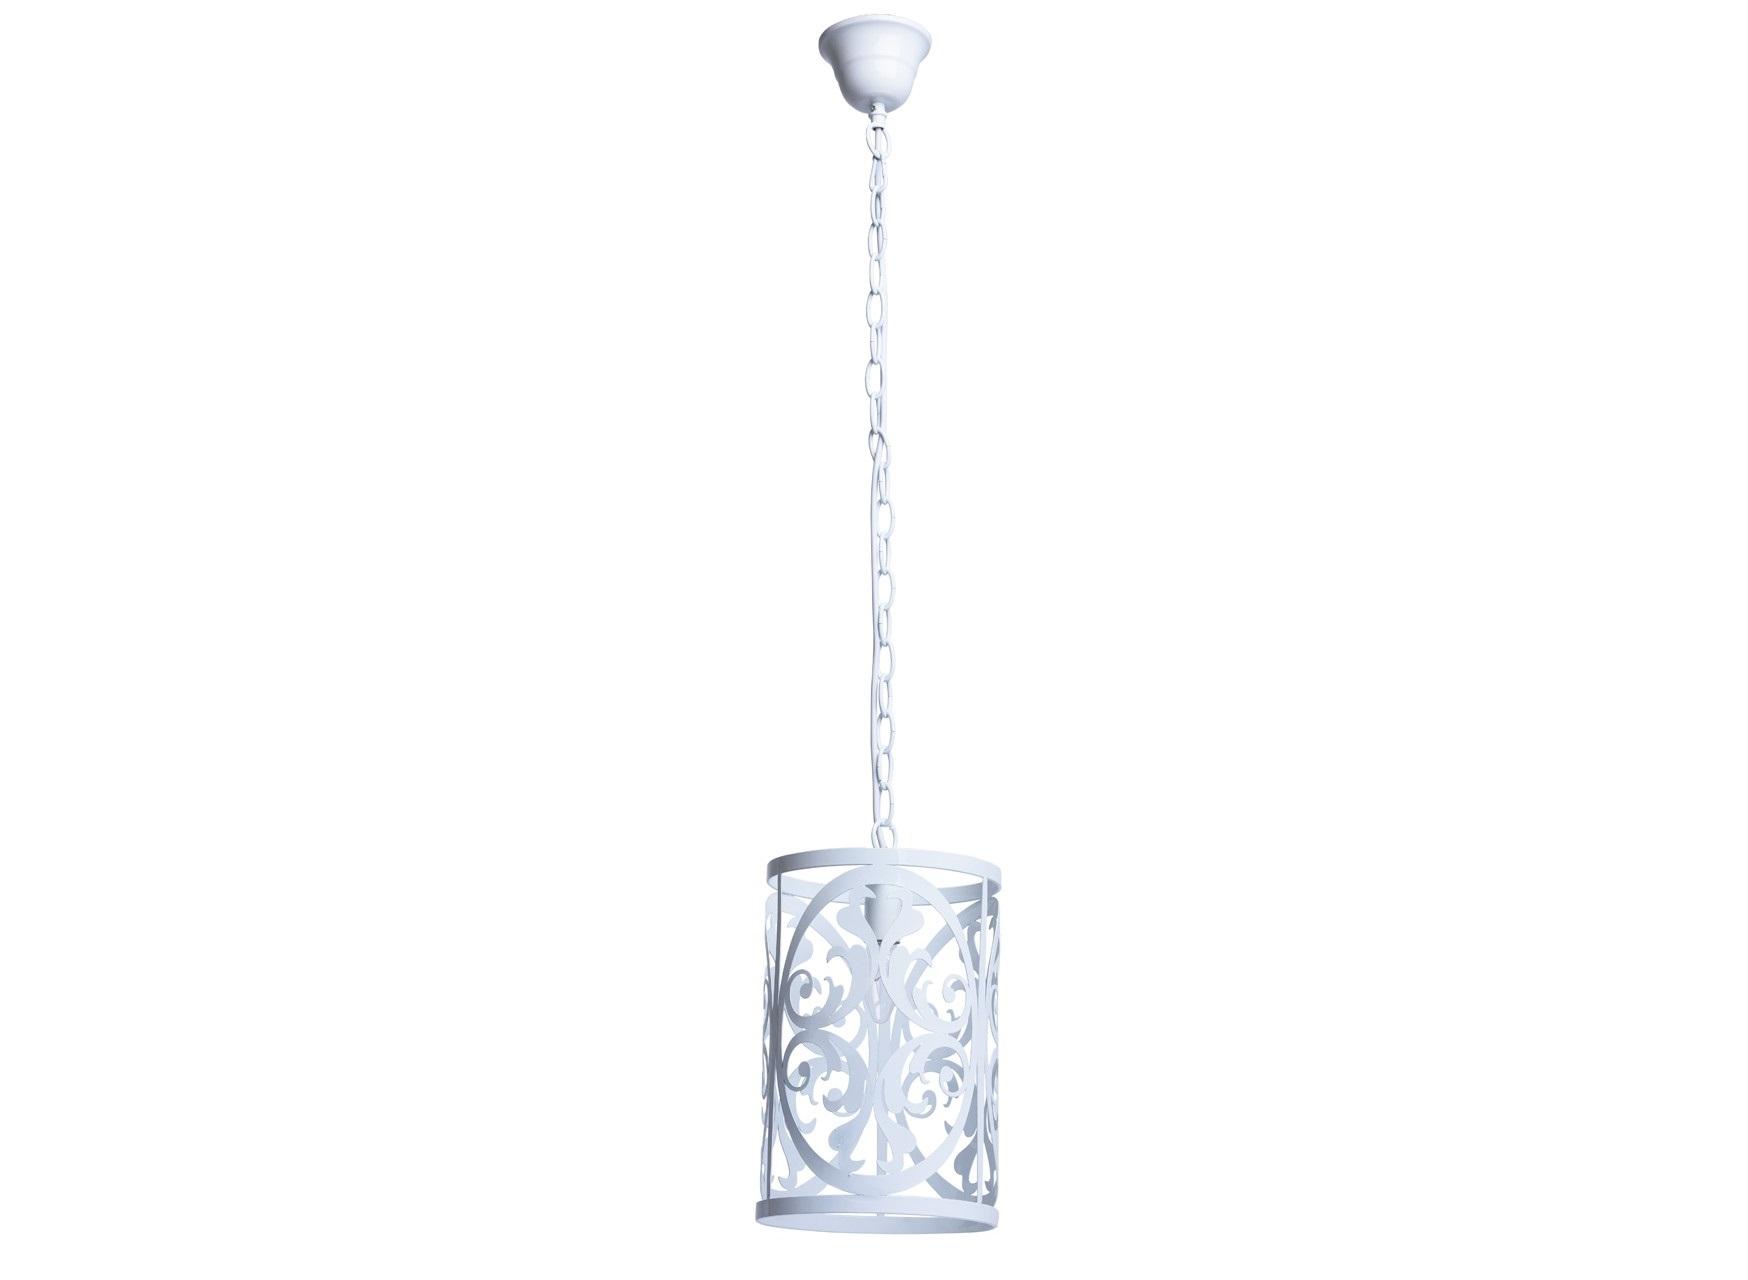 Подвесной светильникПодвесные светильники<br>&amp;lt;div&amp;gt;Нежный, воздушный светильник из коллекции «Замок» привнесет в обстановку непринужденность и изящность. &amp;amp;nbsp;Он выполнен в стиле легкой ковки и идеально подойдет для любителей оригинальных решений в интерьере. &amp;amp;nbsp;Металлическое основание окрашено в глянцевый белый цвет, освежающий комнату. Трендовый дизайн светильника подчеркнут &amp;amp;nbsp;изящным резным узором, плавные линии и изгибы которого настраивают на спокойствие и создают уют. Рекомендуемая площадь освещения – 15 кв.м.&amp;lt;/div&amp;gt;&amp;lt;div&amp;gt;Арматура светильника выполнена из сплава металла &amp;amp;nbsp;и окрашена в белый глянцевый цвет. Орнамент вырублен по технологии лазерной резки.&amp;lt;/div&amp;gt;&amp;lt;div&amp;gt;Длина подвеса 60 см., высота 110 см.&amp;lt;/div&amp;gt;&amp;lt;div&amp;gt;1*60W E14 220V&amp;lt;br&amp;gt;&amp;lt;/div&amp;gt;<br><br>Material: Металл<br>Height см: 110<br>Diameter см: 20